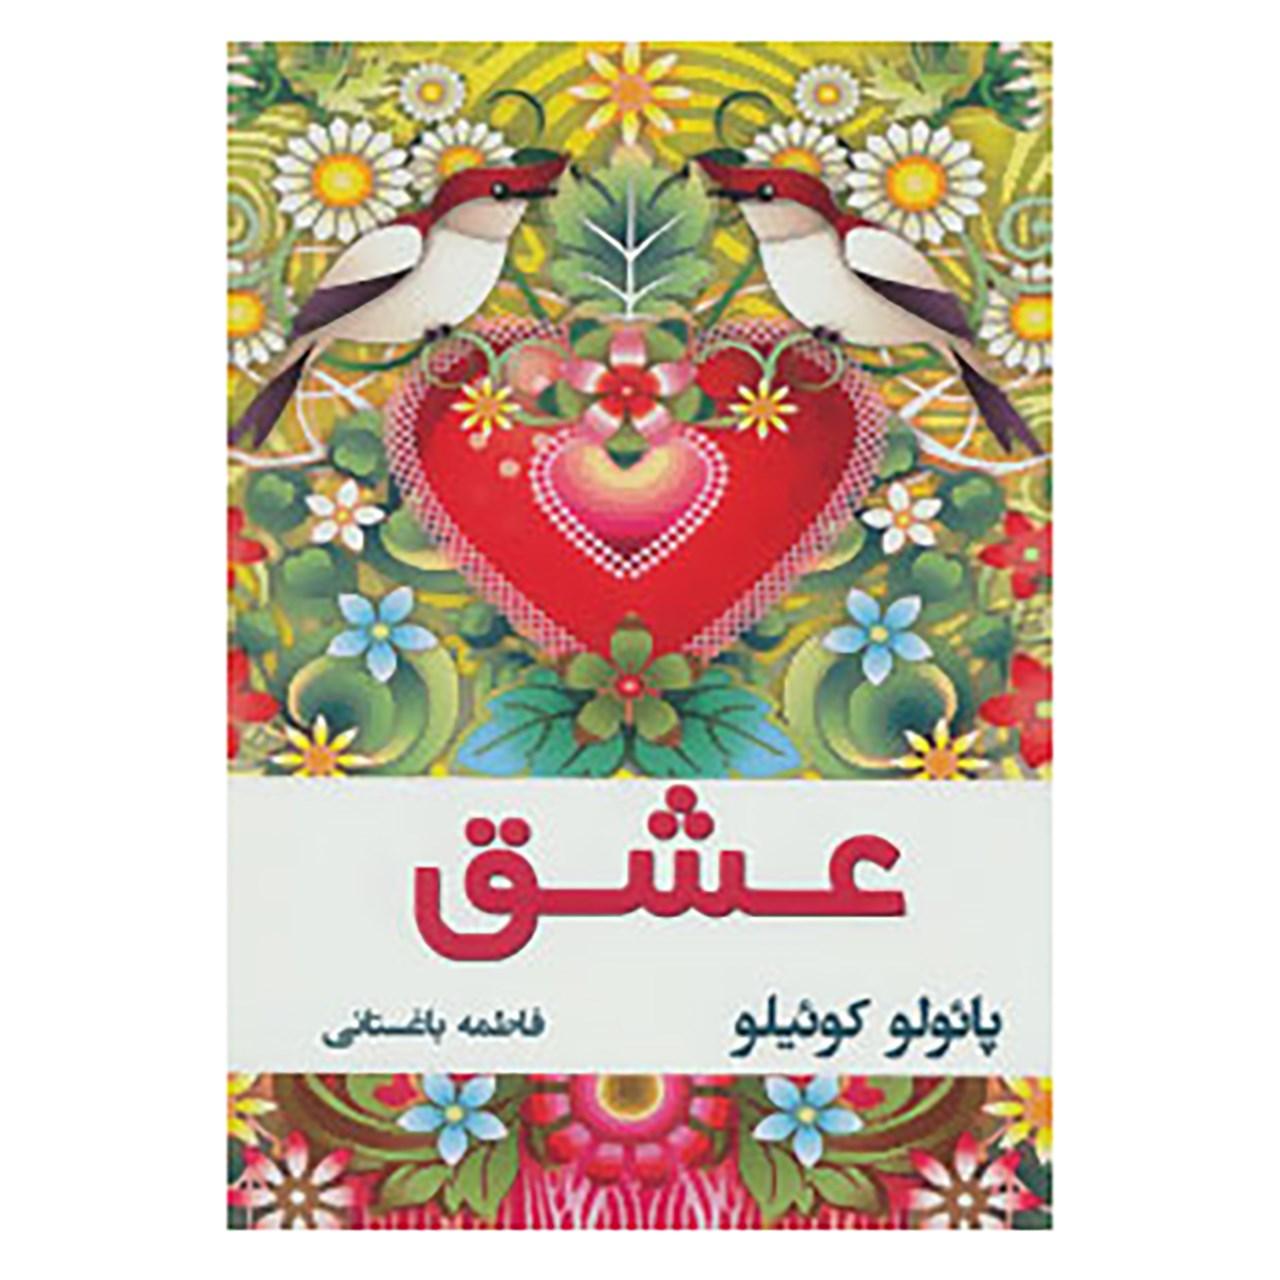 کتاب عشق اثر پائولو کوئلیو thumb